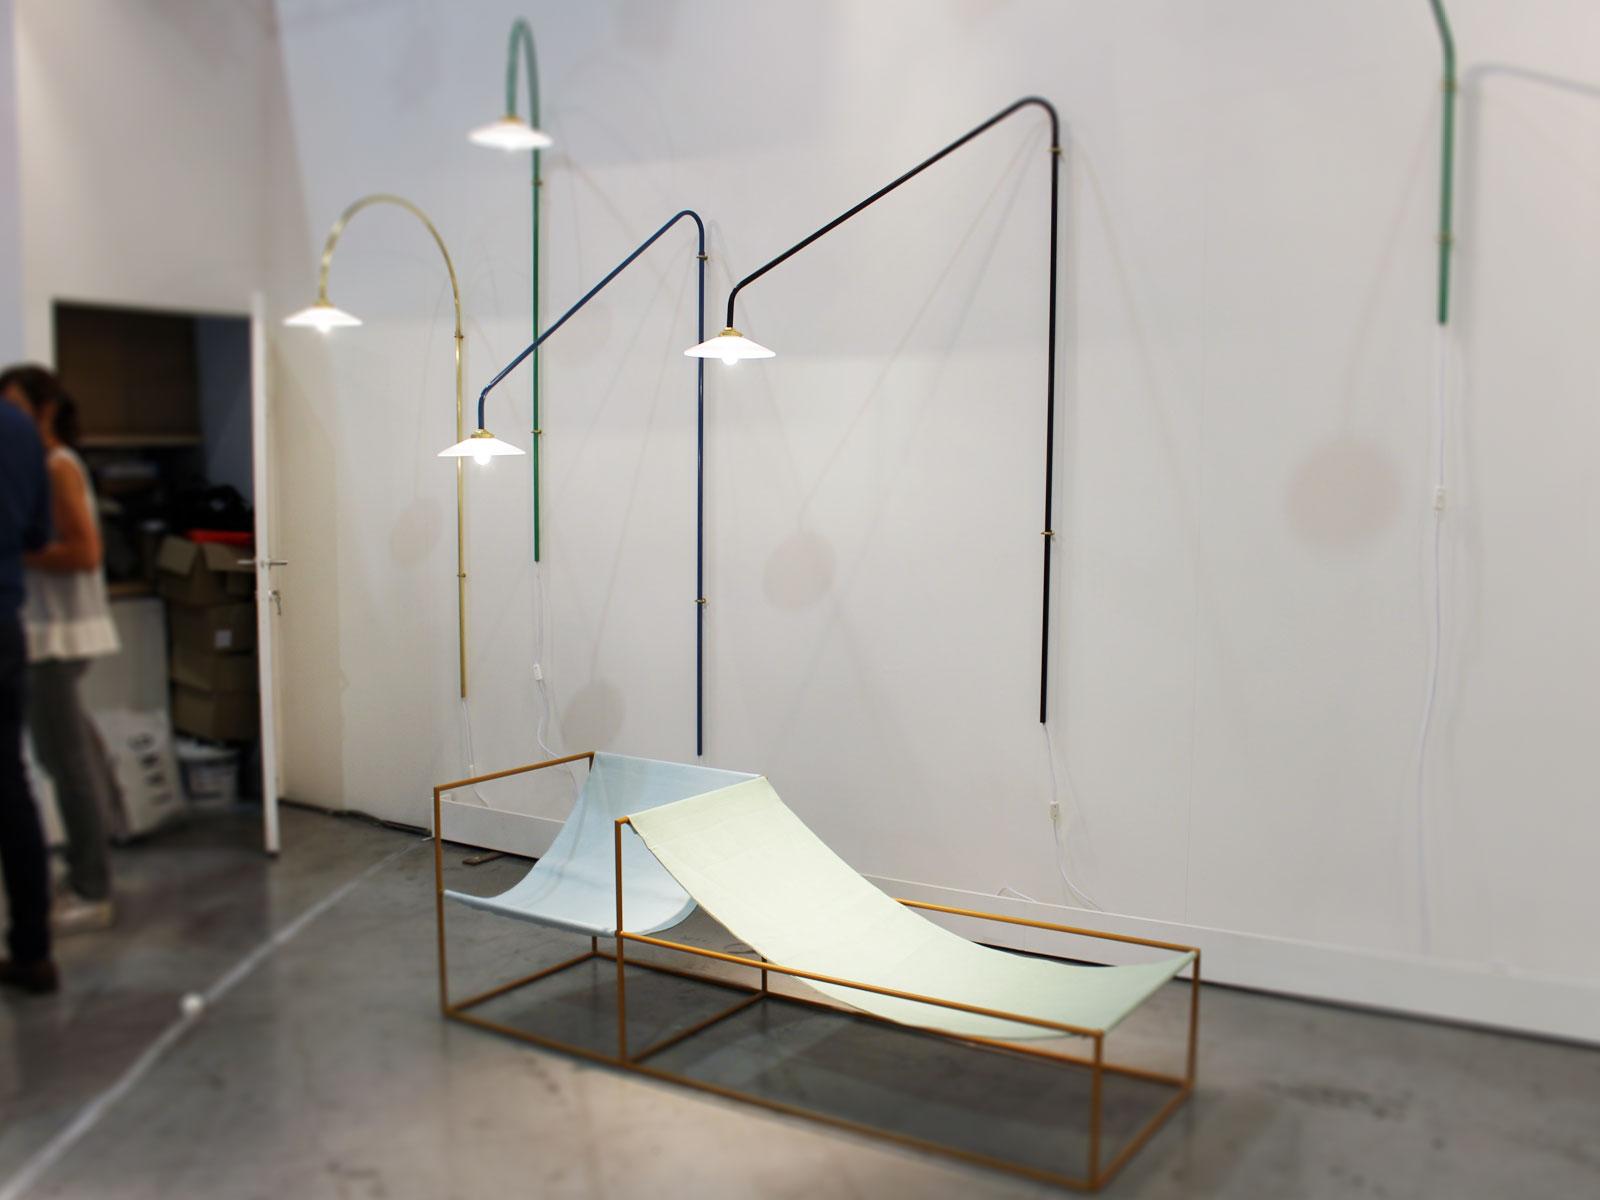 muller van severen brengt meerdere ontwerpen onder bij. Black Bedroom Furniture Sets. Home Design Ideas